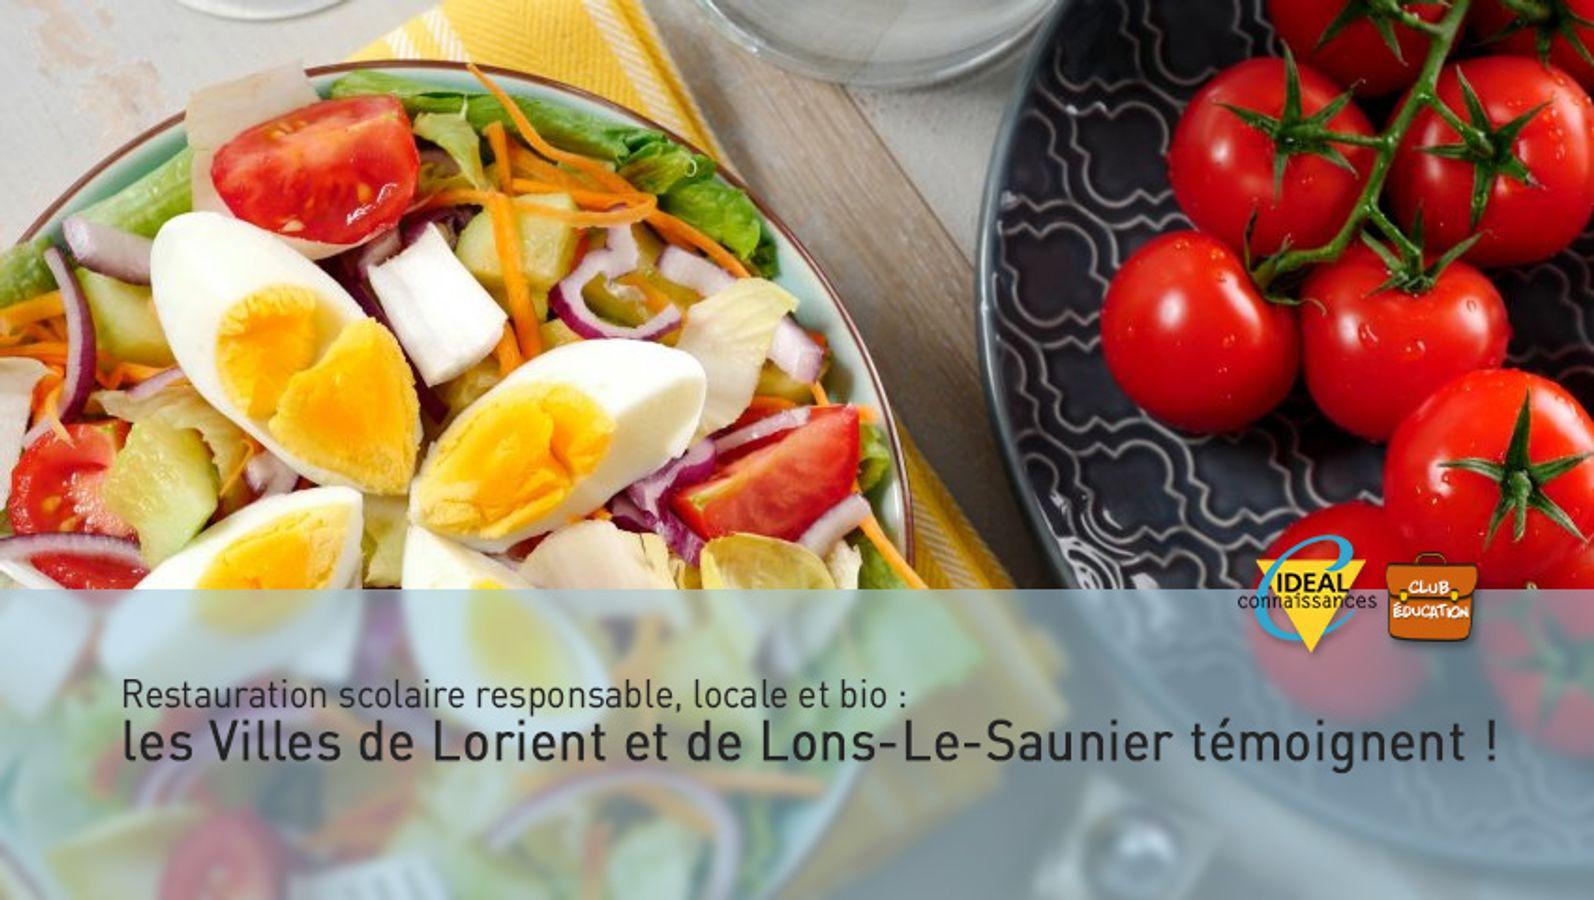 Restauration scolaire responsable, locale et bio: les Villes de Lorient et de Lons-Le-Saunier témoignent !